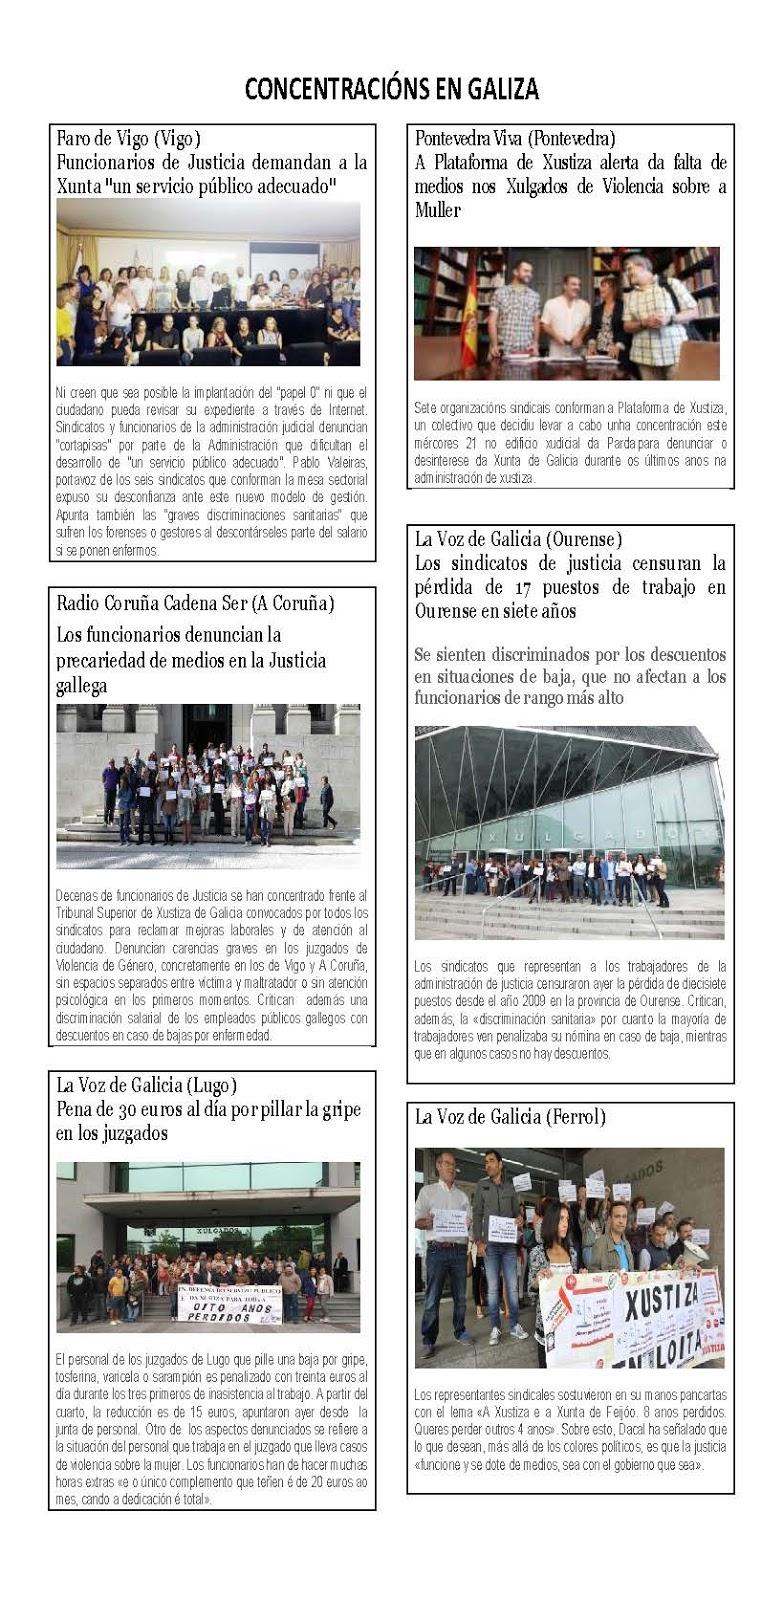 Concentracións en Galizia